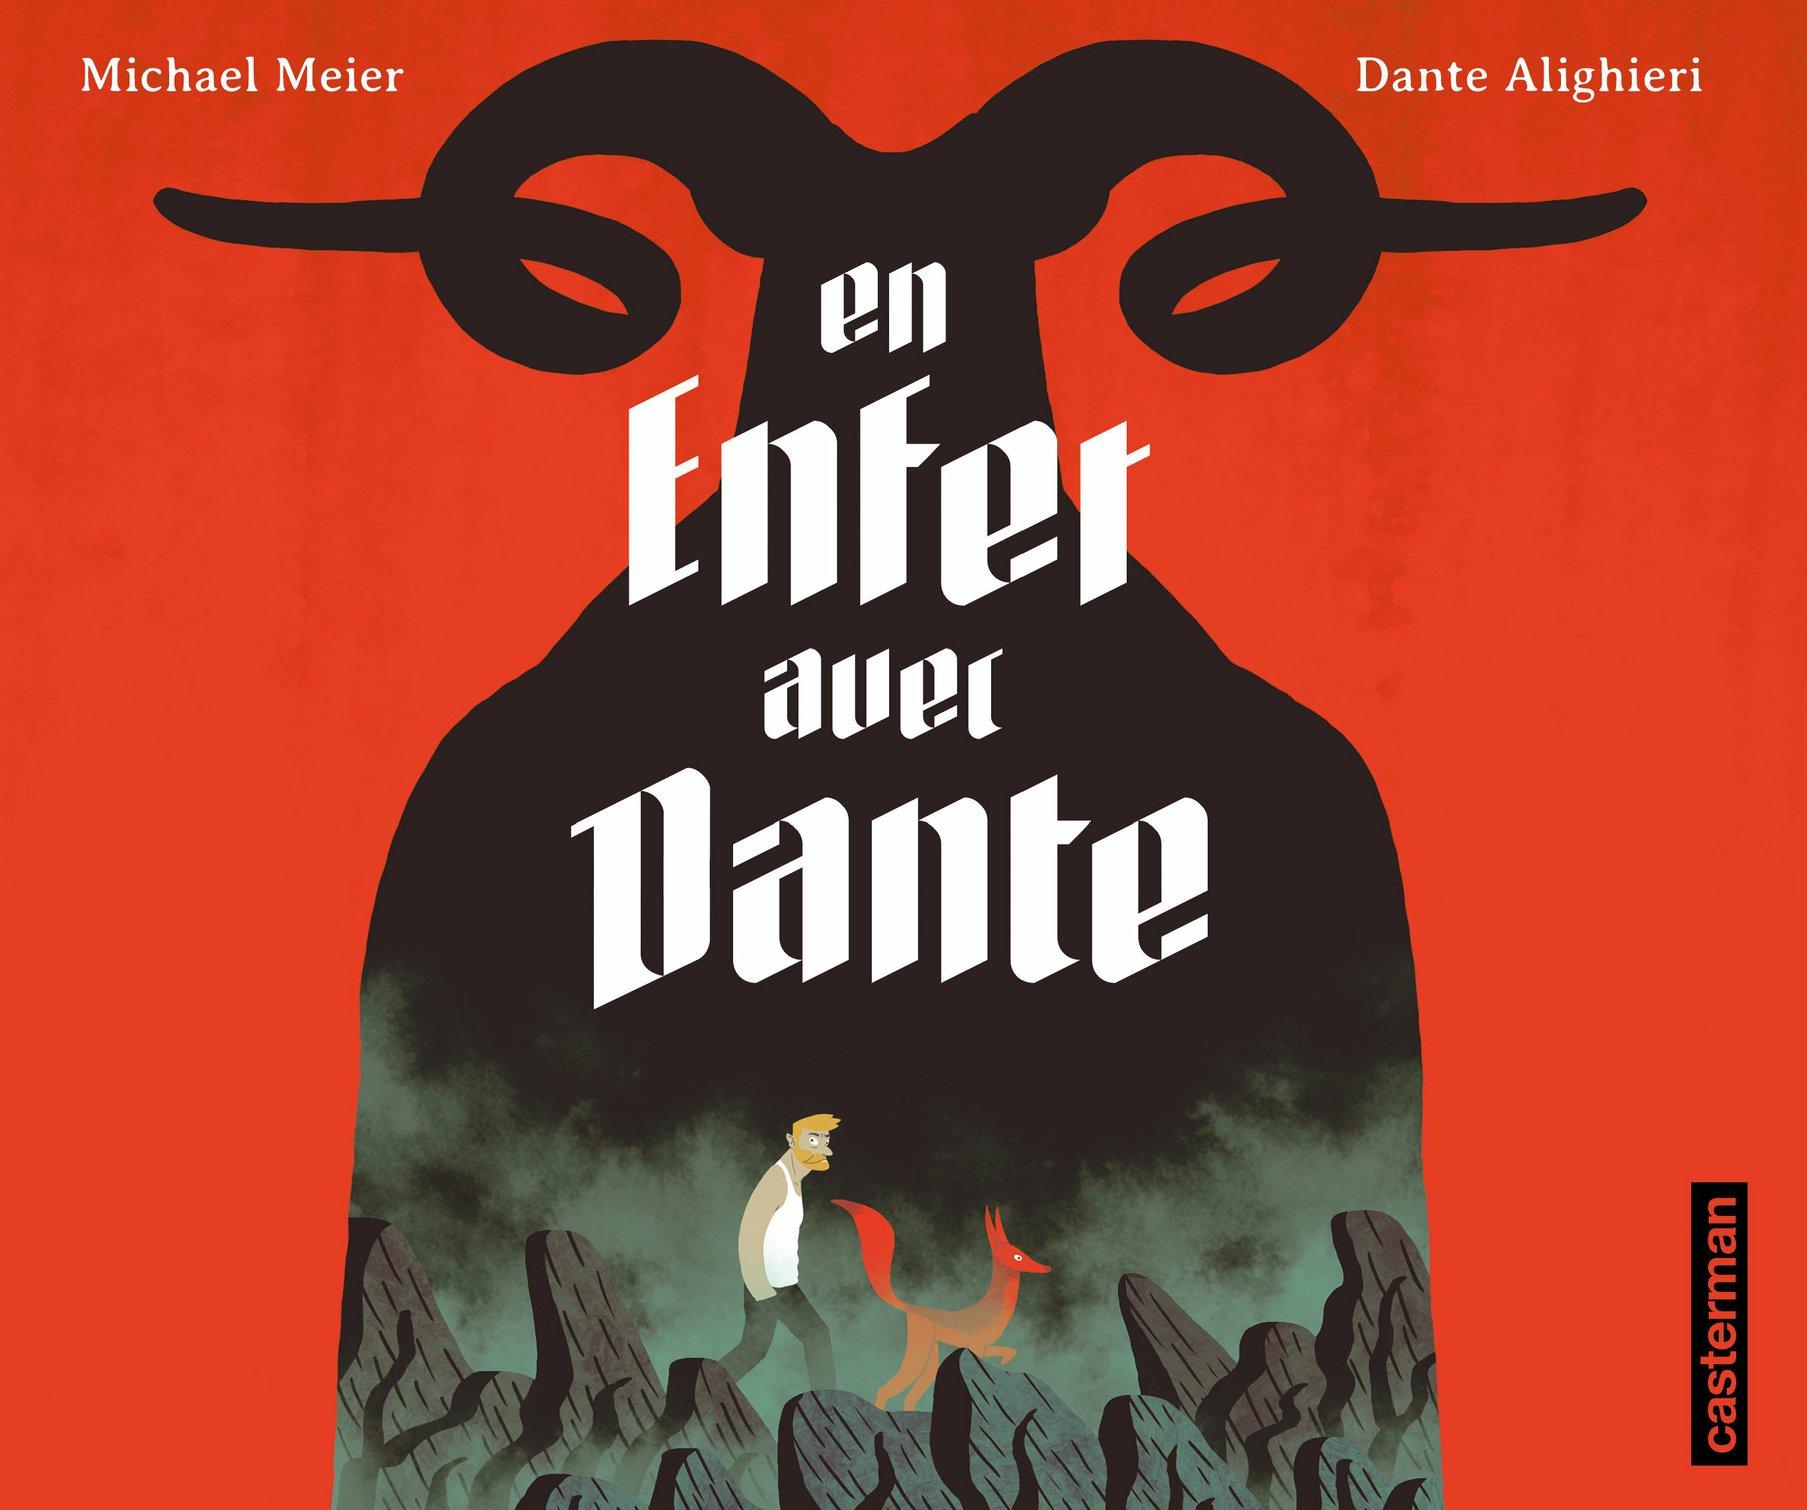 En enfer avec Dante. D'après La Divine Comédie de Dante Alighieri | Meier, Michael